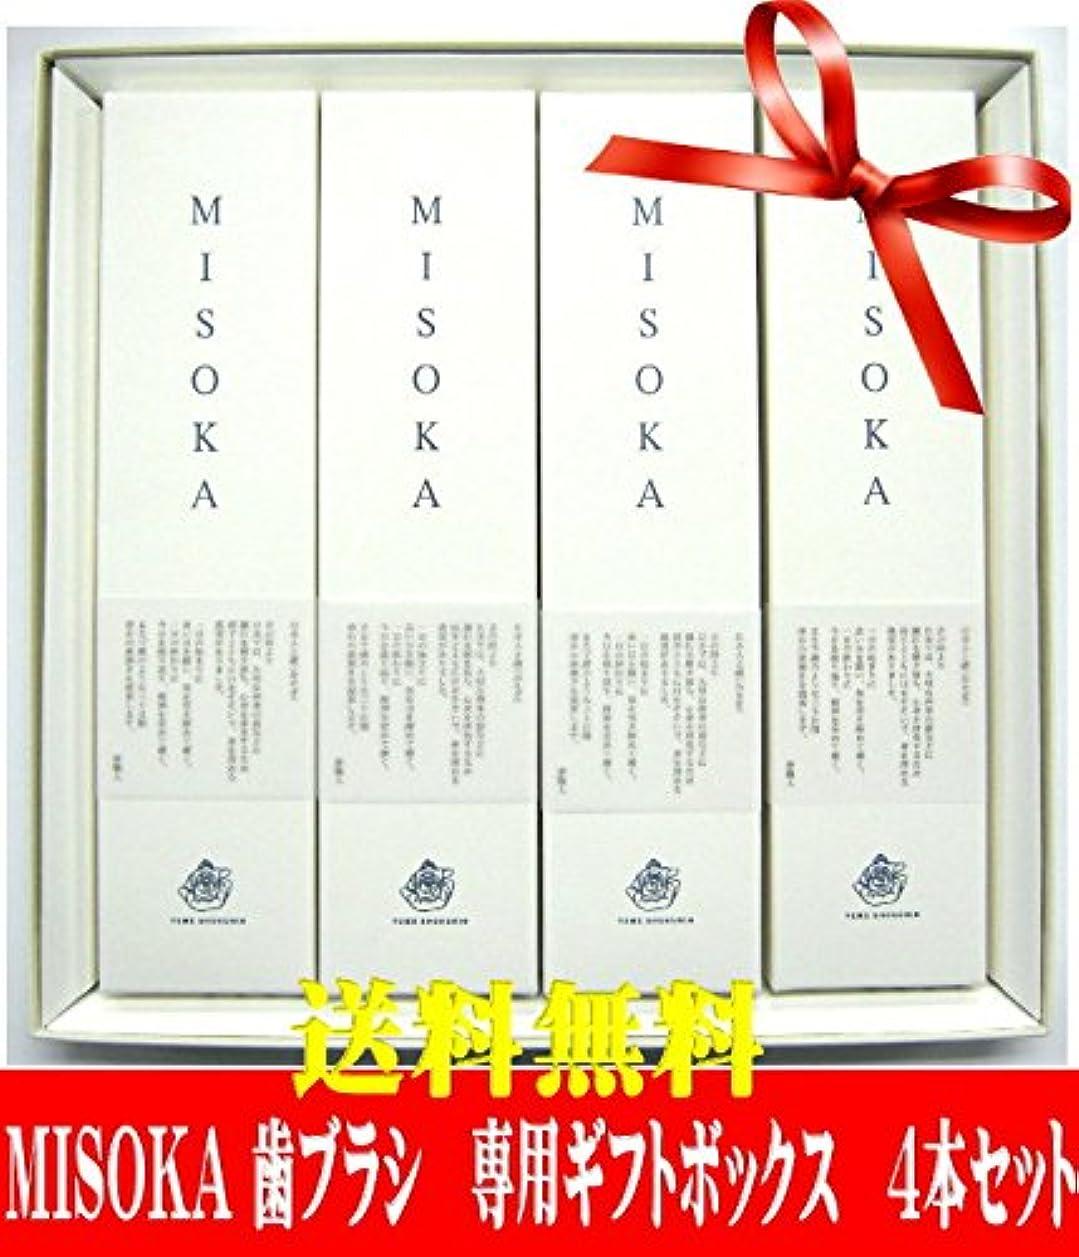 注ぎます意見パスタ夢職人MISOKA(みそか)歯ブラシ4本ギフトセット